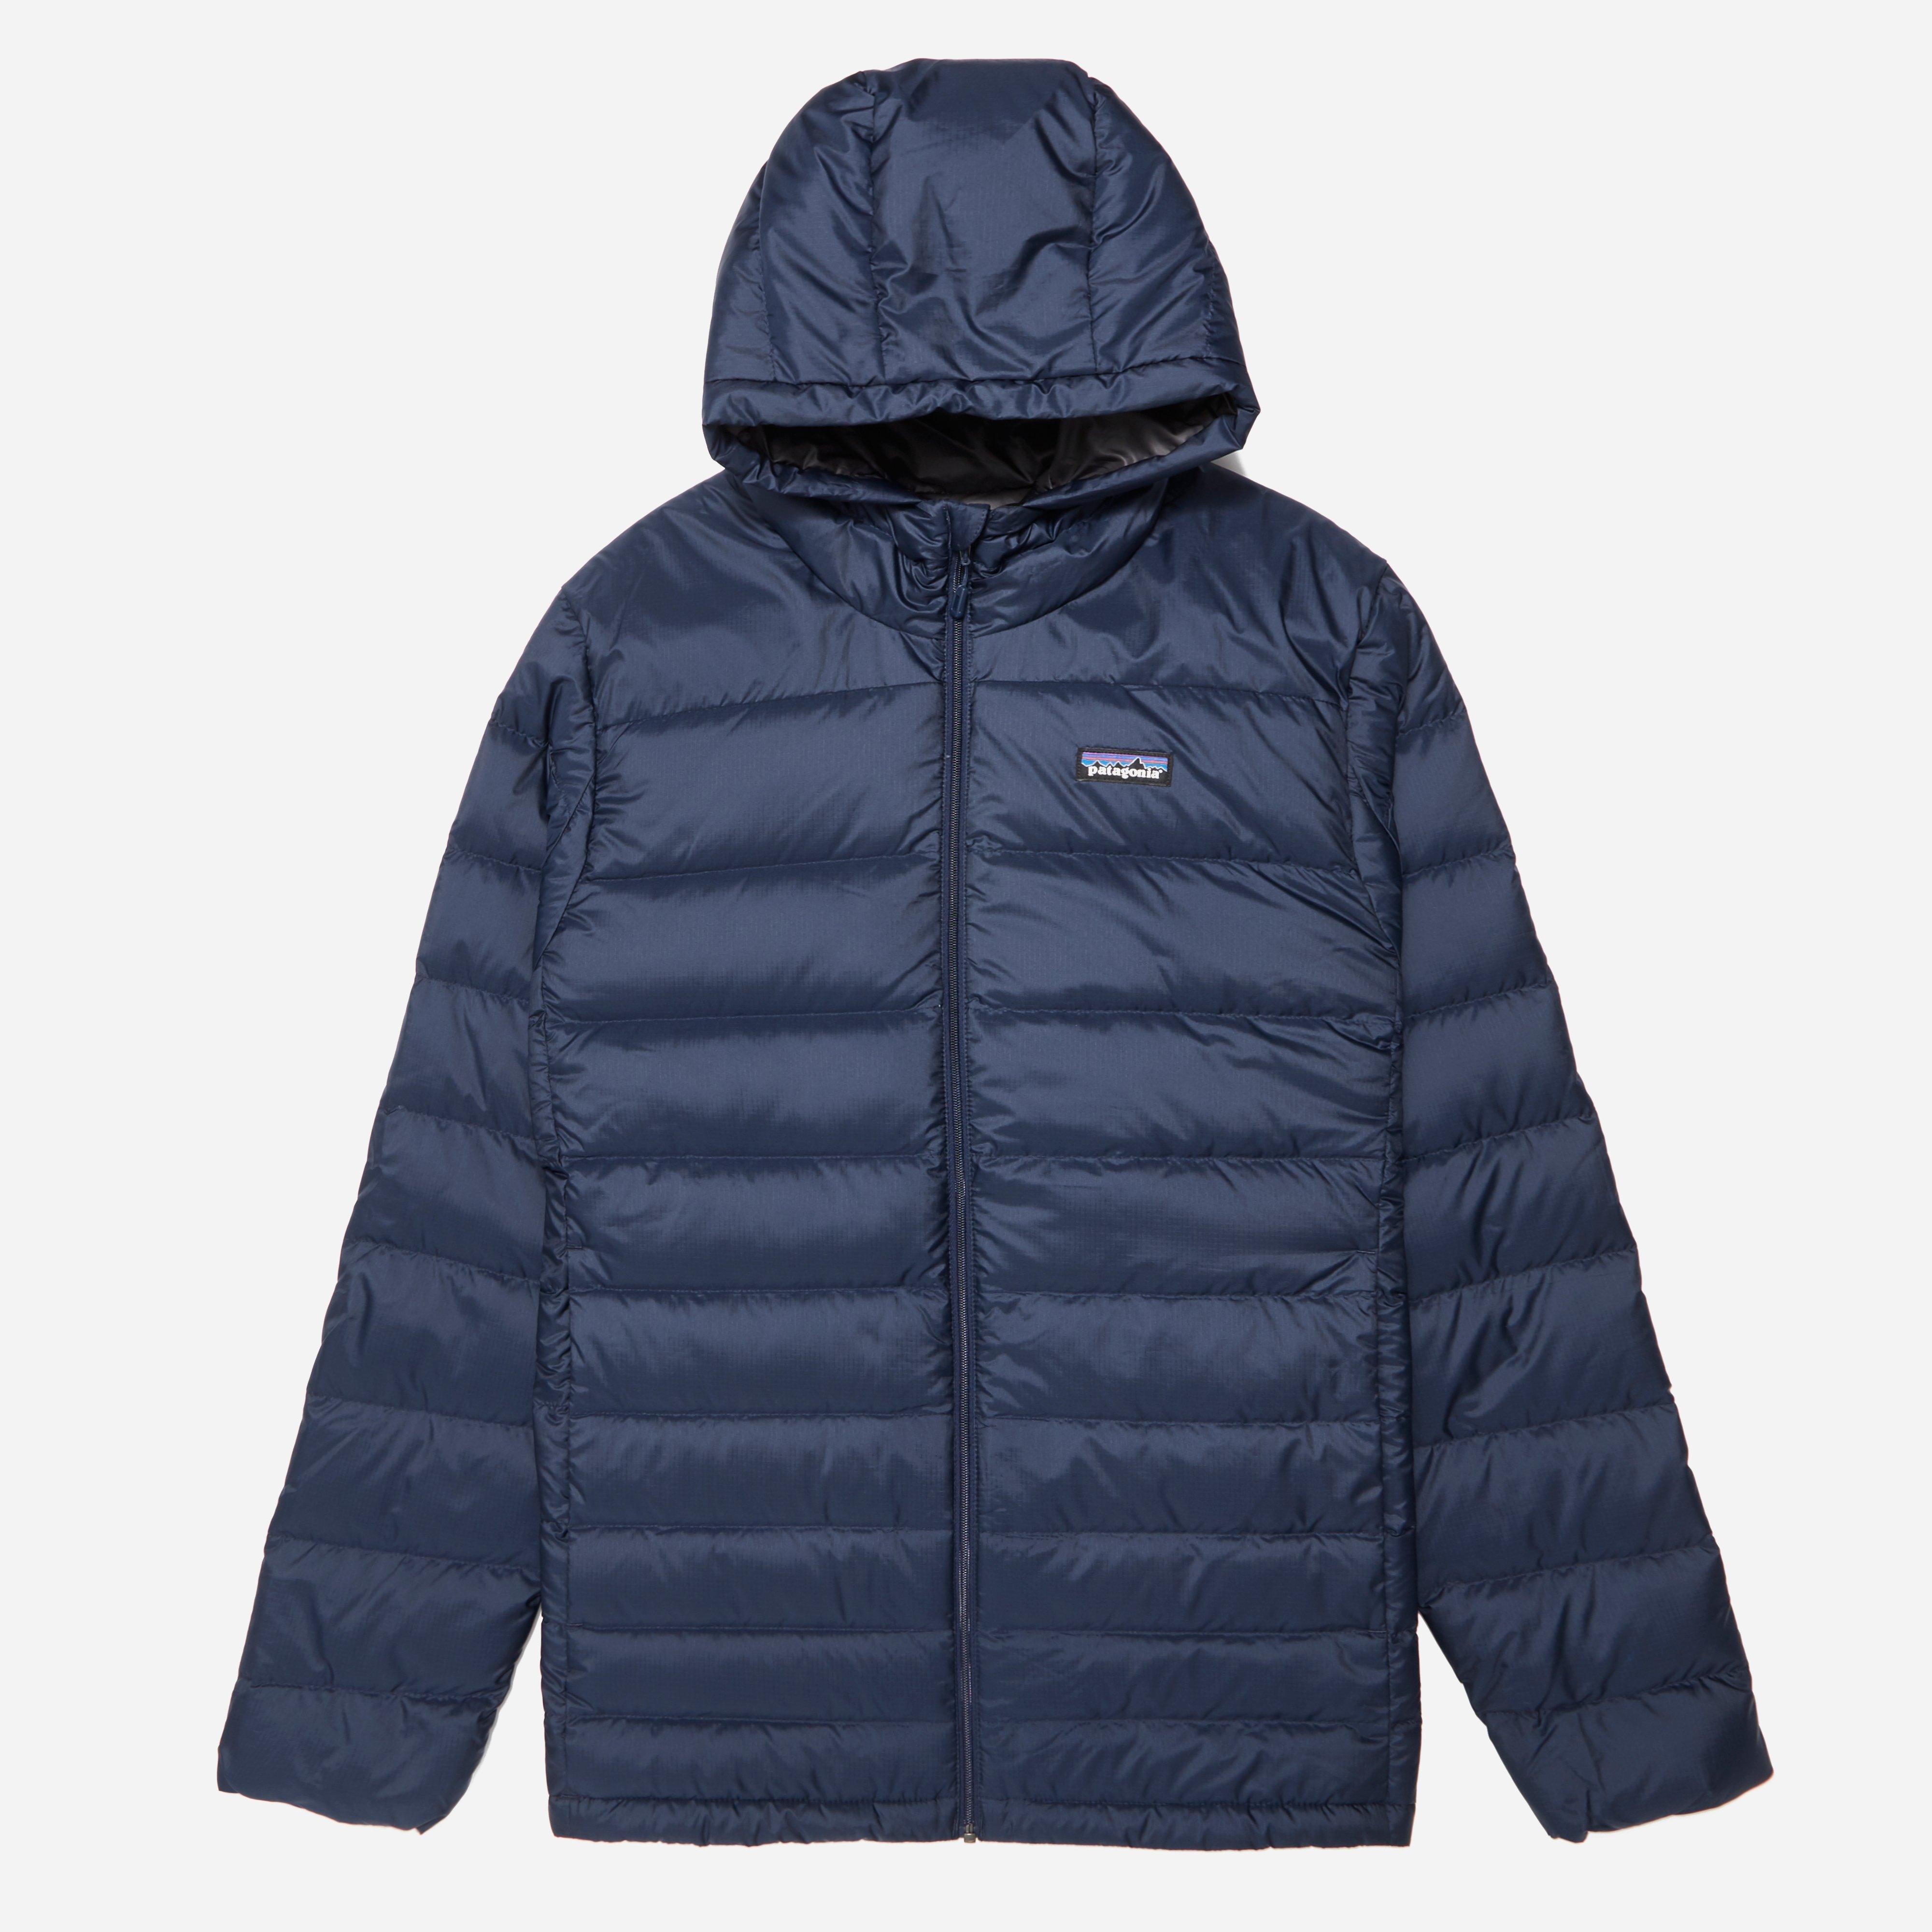 Patagonia Hi Loft Down Hoody Jacket In Blue For Men Lyst